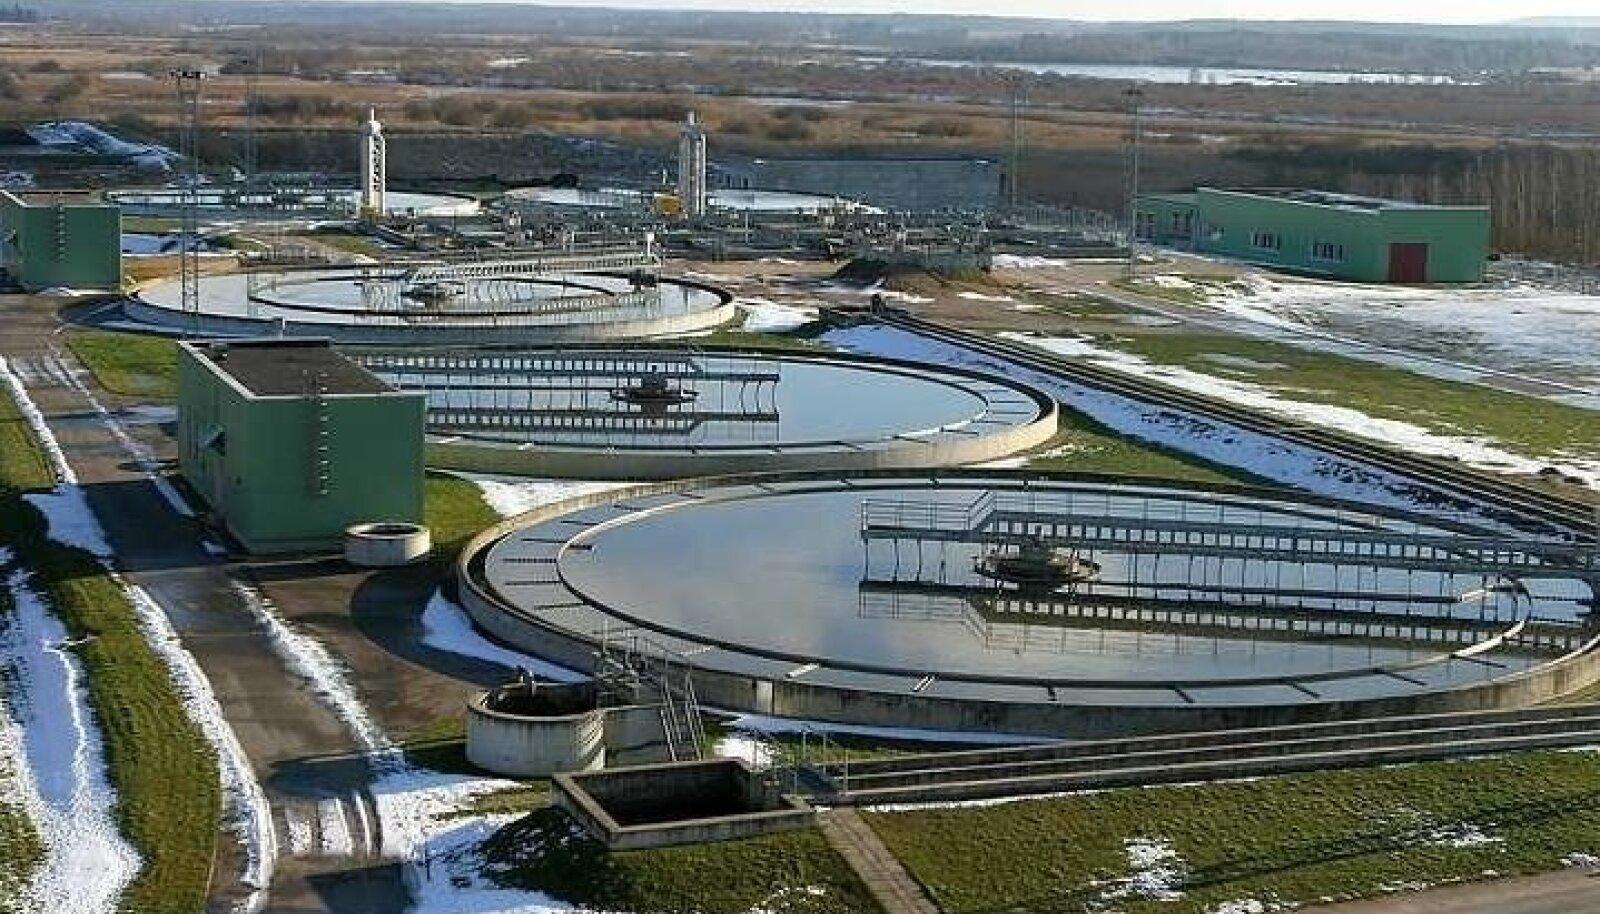 Üks eurotoetuste edukamaid näiteid on ehitatud või korda tehtud reoveepuhastid (pildil Tartu oma), mis on vee kvaliteedi pea kõikjal korda teinud. Teisalt tekib küsimus, kas praeguste veehindadega suudetakse taristut ülal pidada.